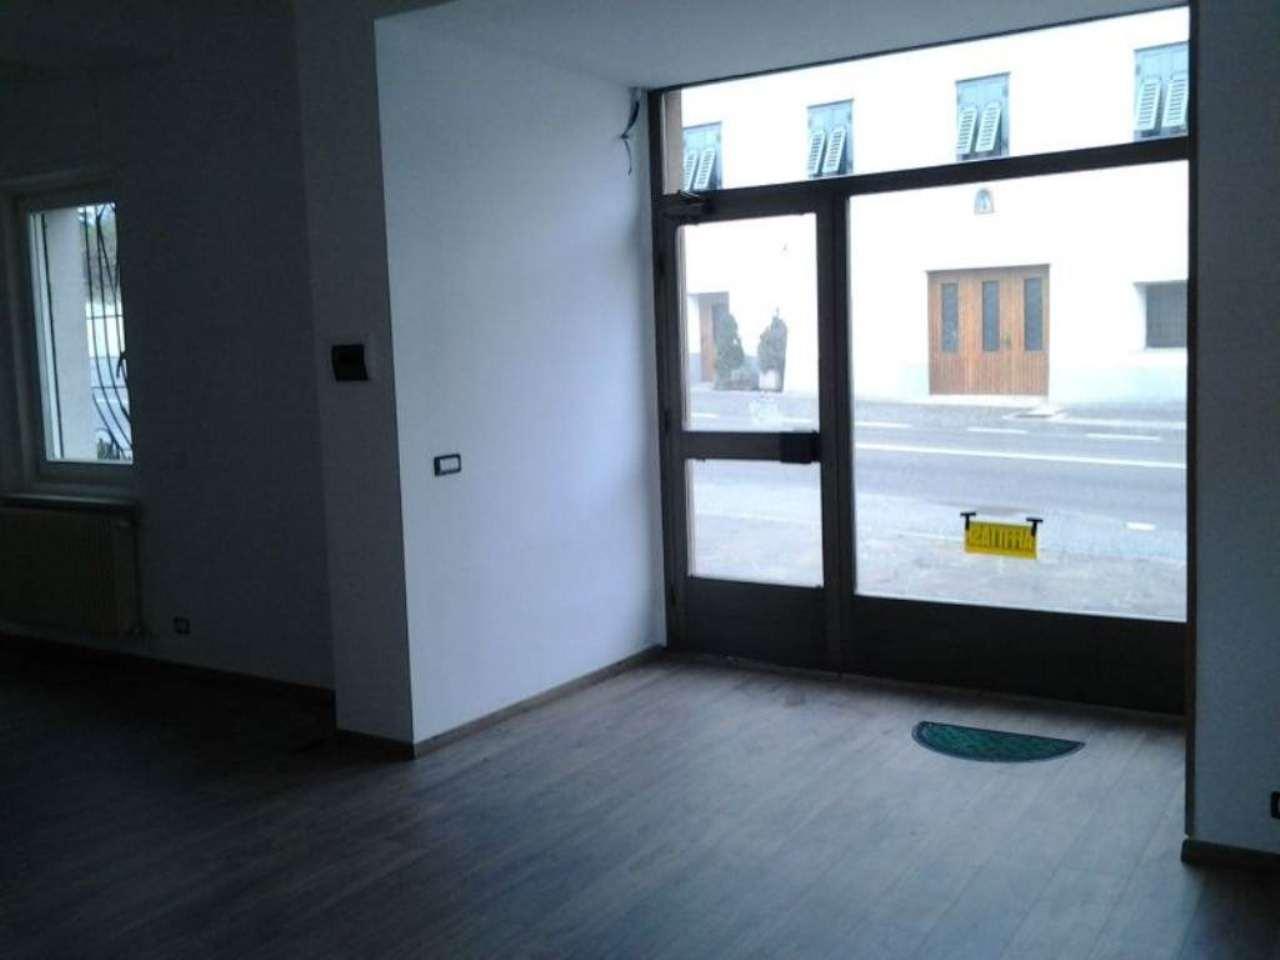 Negozio / Locale in affitto a Cles, 1 locali, prezzo € 430 | Cambio Casa.it